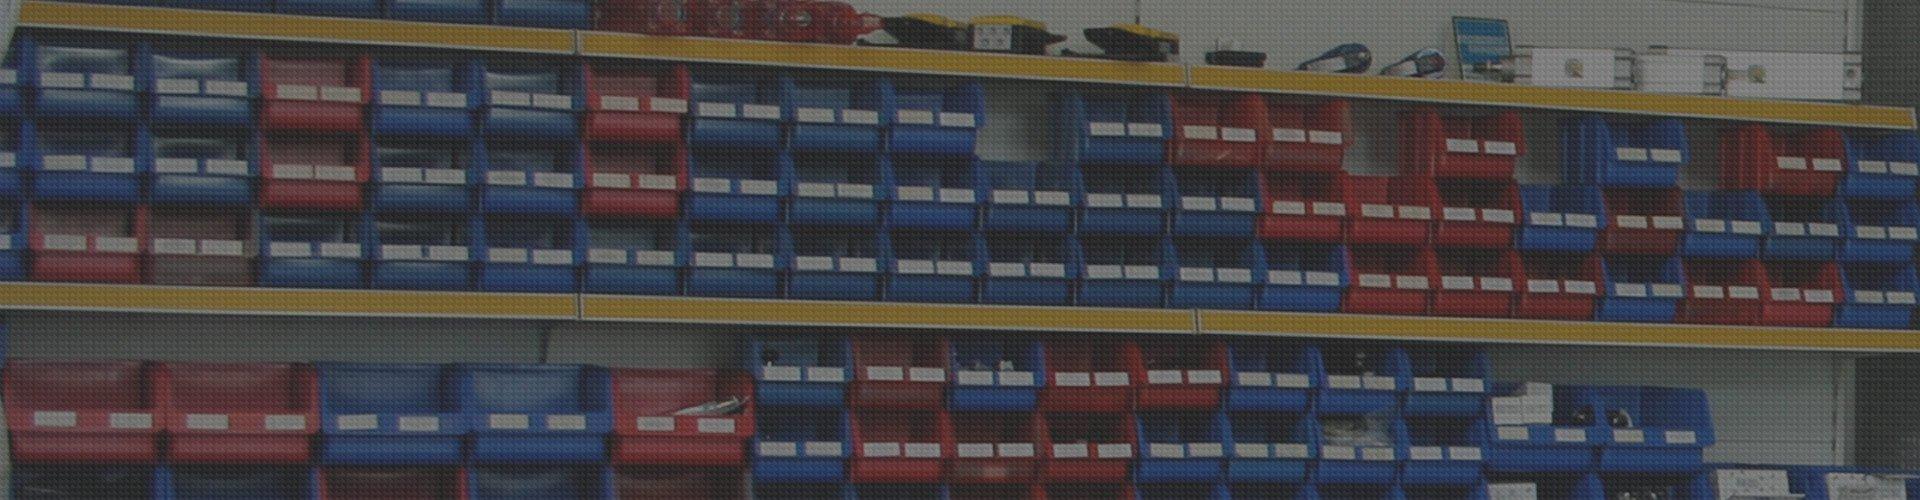 mag-commerce-pneumatika